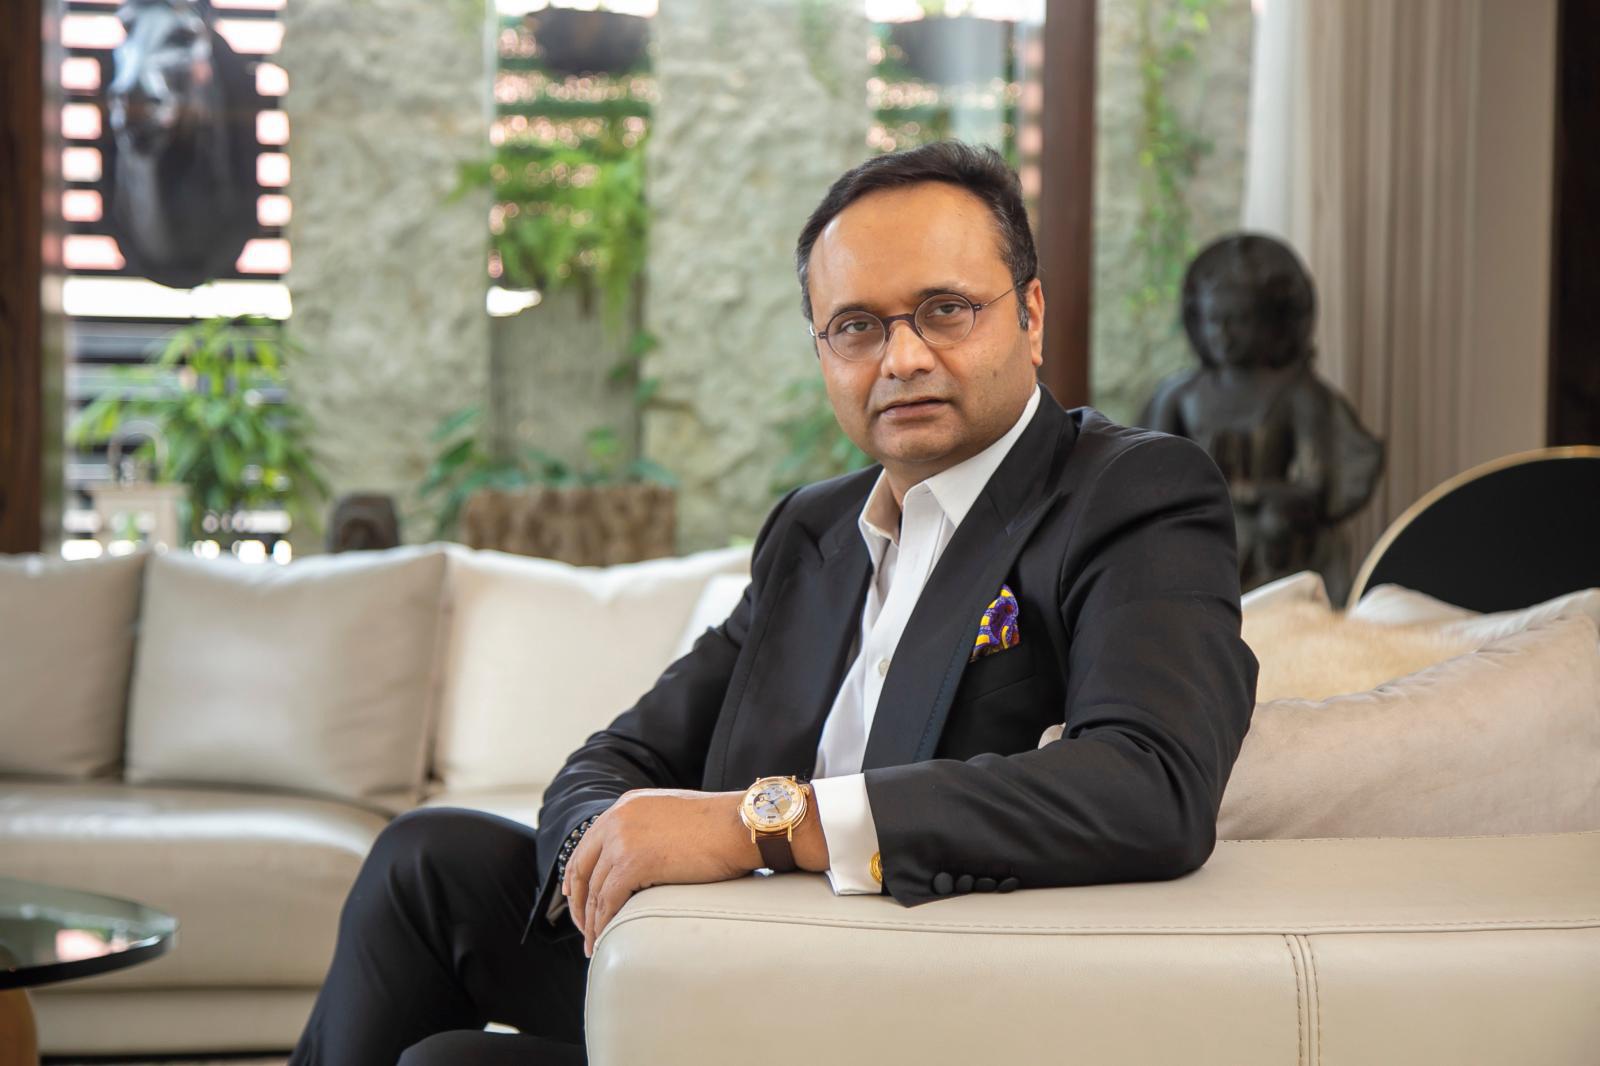 Durjoy Rahman COURTESY DURJOY RAHMAN